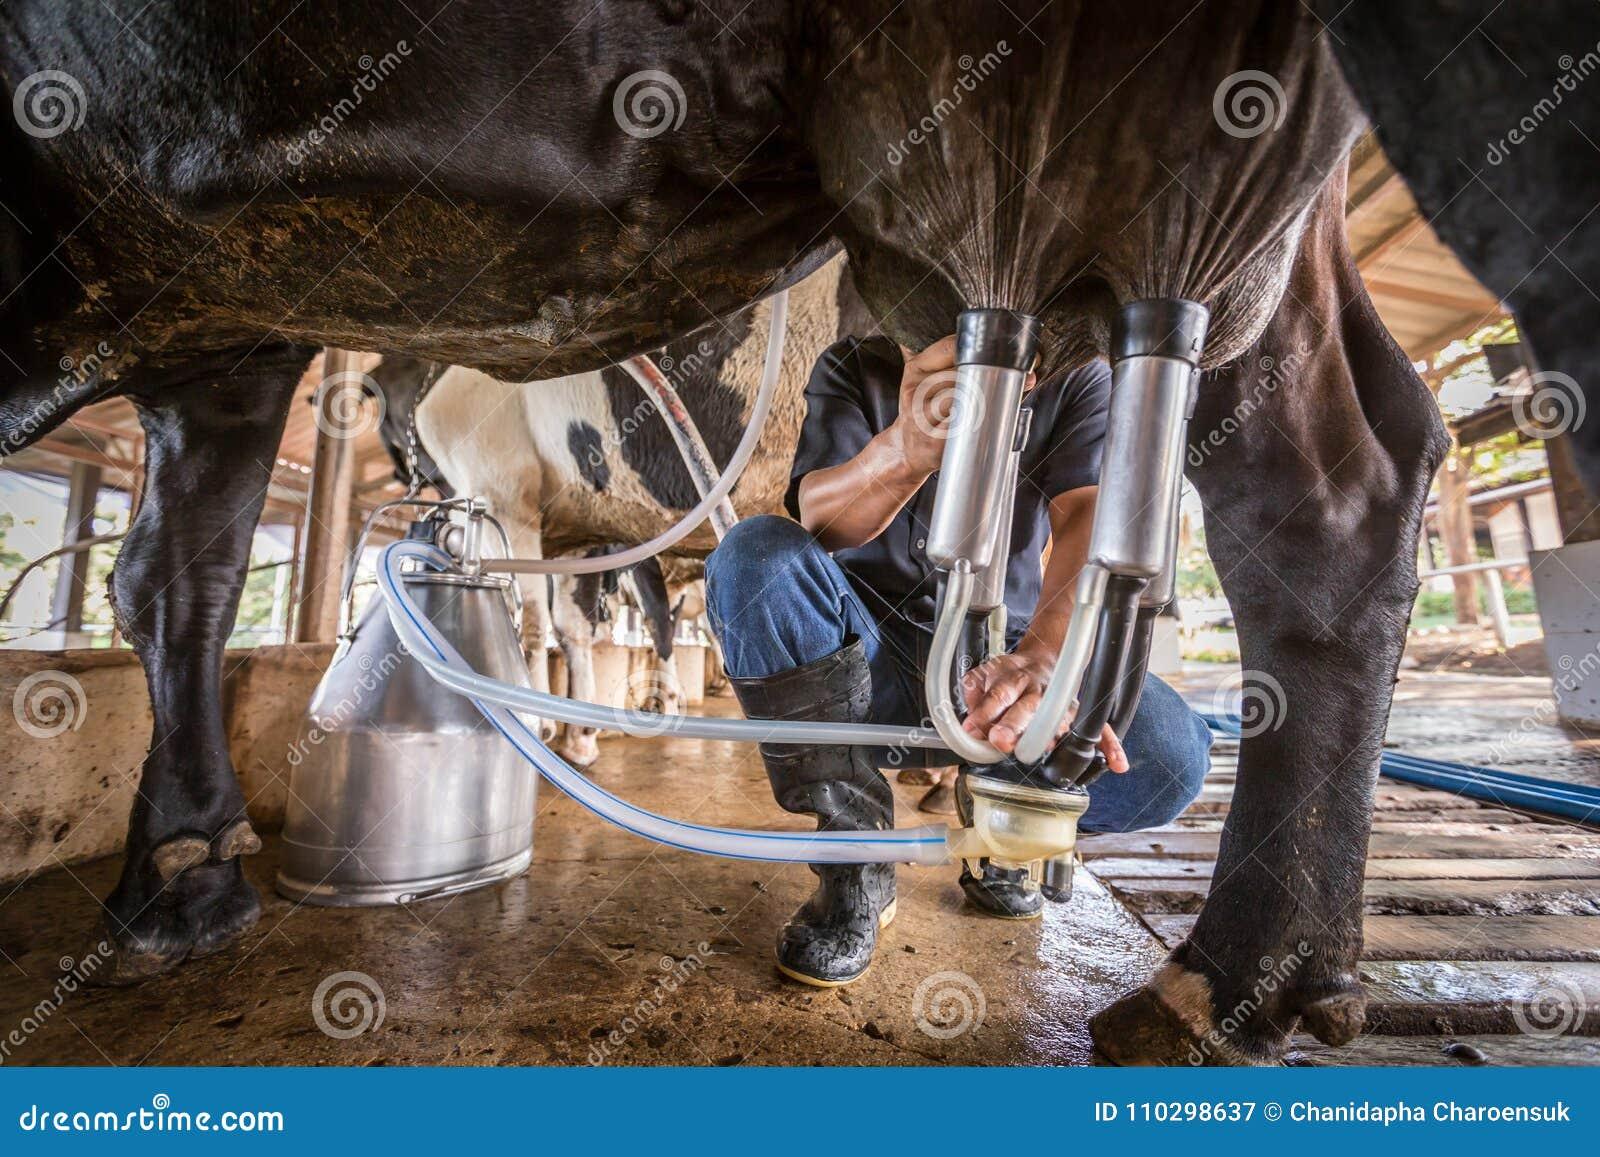 Коровы с человеком доят в молочной ферме